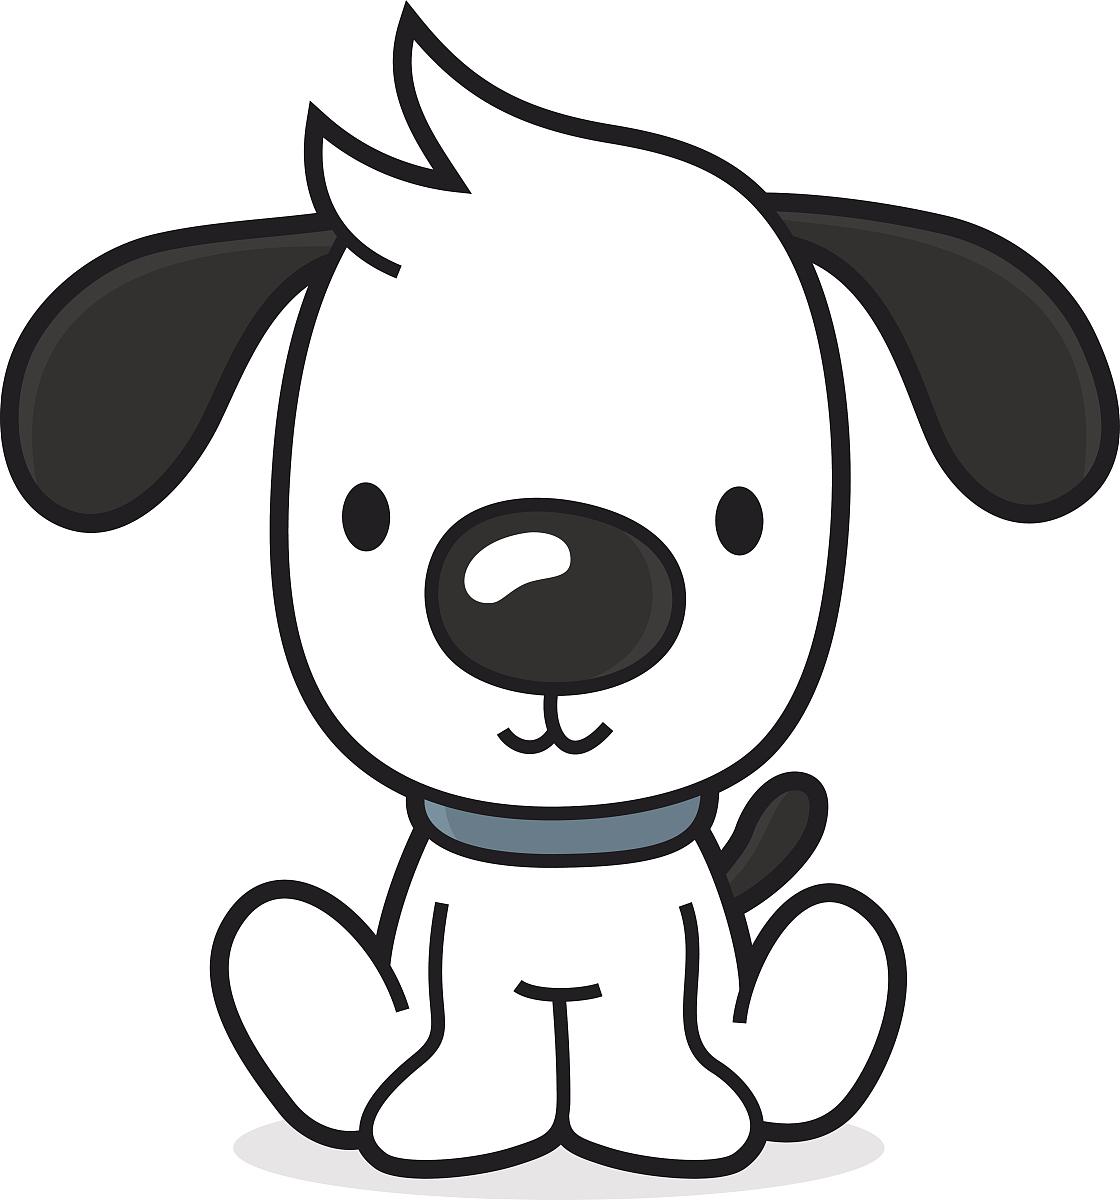 矢量,网络表情,插画,计算机图形学,可爱的,幸福到极点,剪贴路径,动物图片